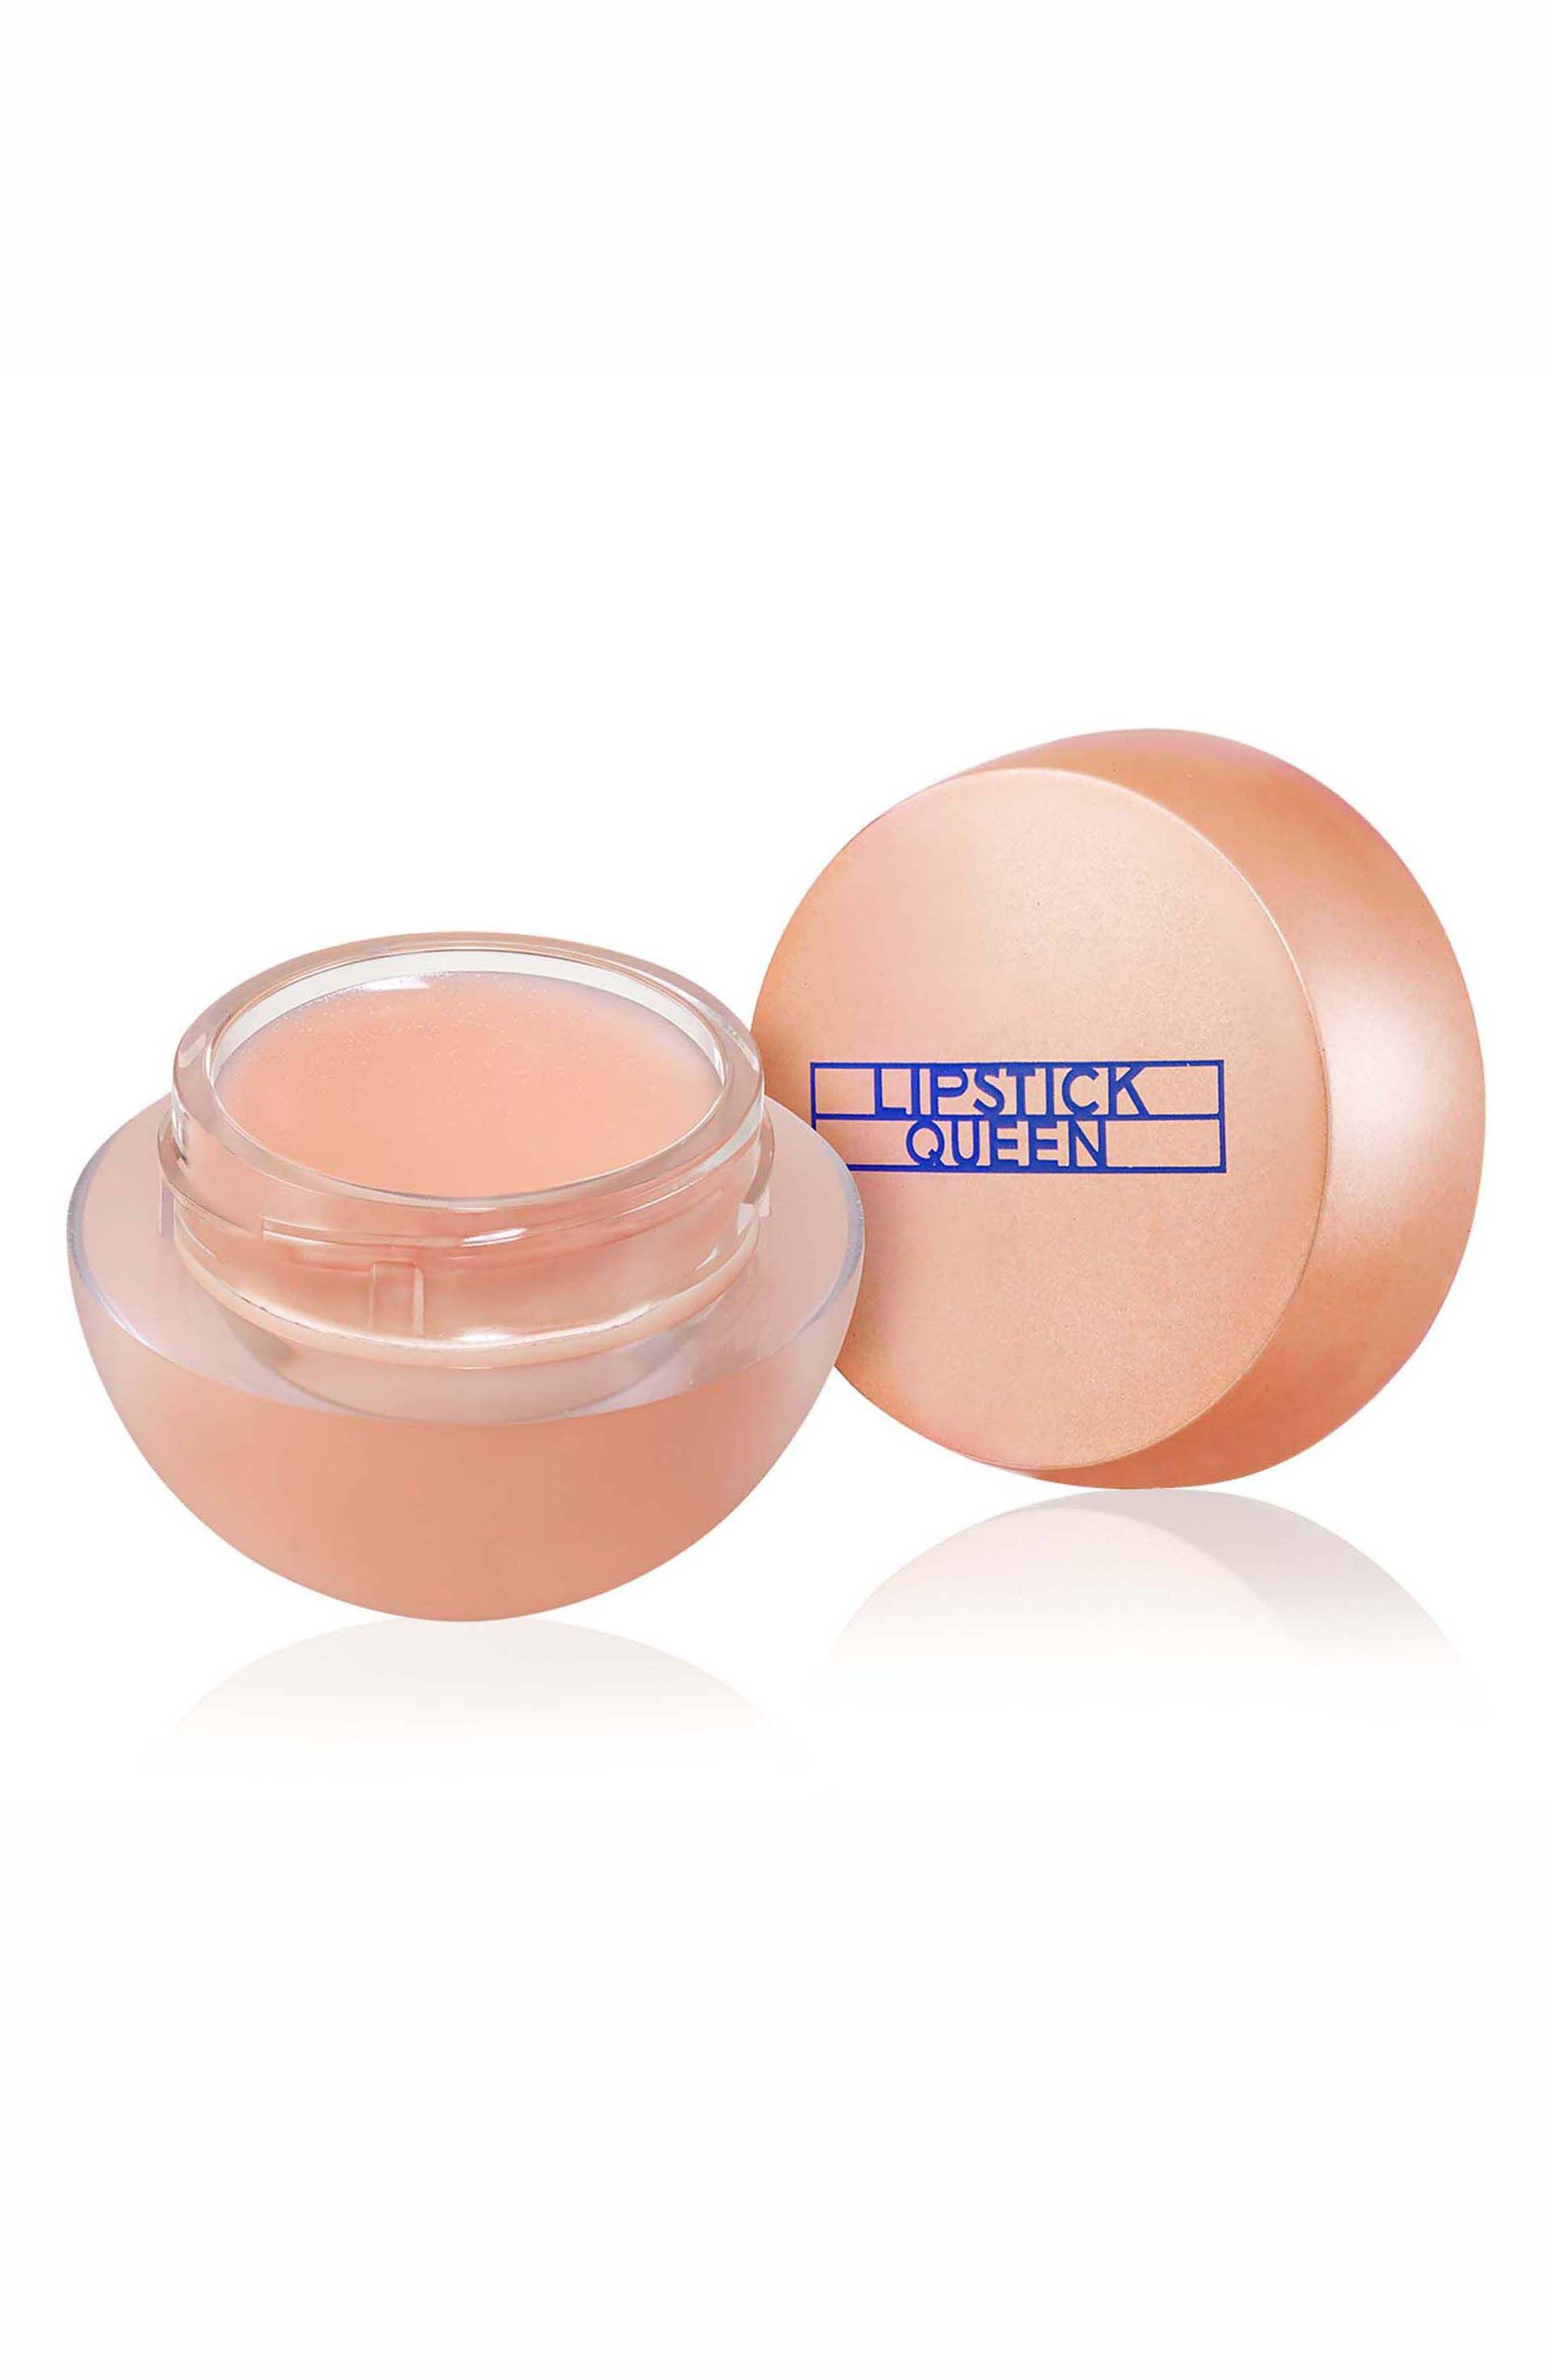 SPACE.NK.apothecary Lipstick Queen Belle Epoque Lip Balm,                             Alternate thumbnail 2, color,                             250